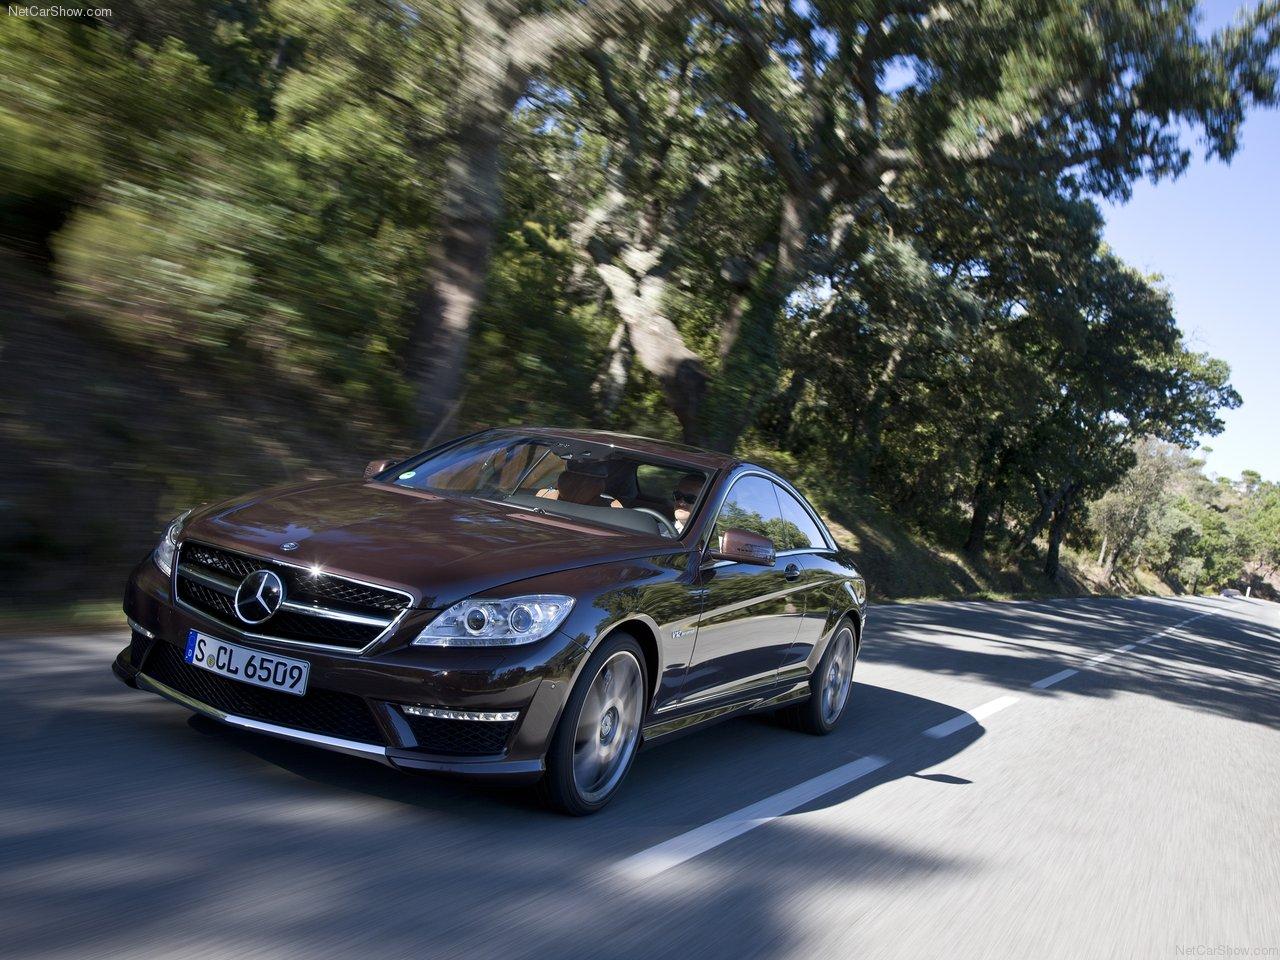 http://4.bp.blogspot.com/_Rj5WR2t_eD4/TRu2-yorIbI/AAAAAAAAOX4/D1YafC3XD7w/s1600/Mercedes-Benz-CL65_AMG_2011_1280x960_wallpaper_03.jpg